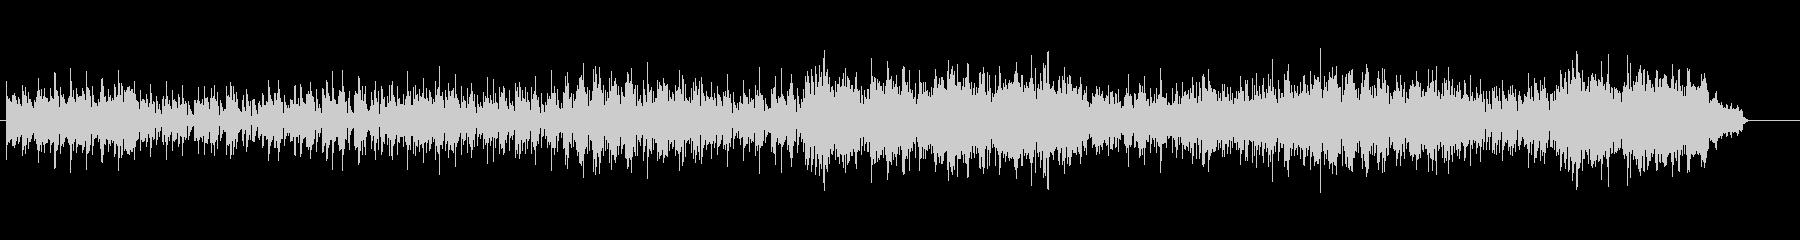 ゴージャスなピアノ・フュージョンの未再生の波形